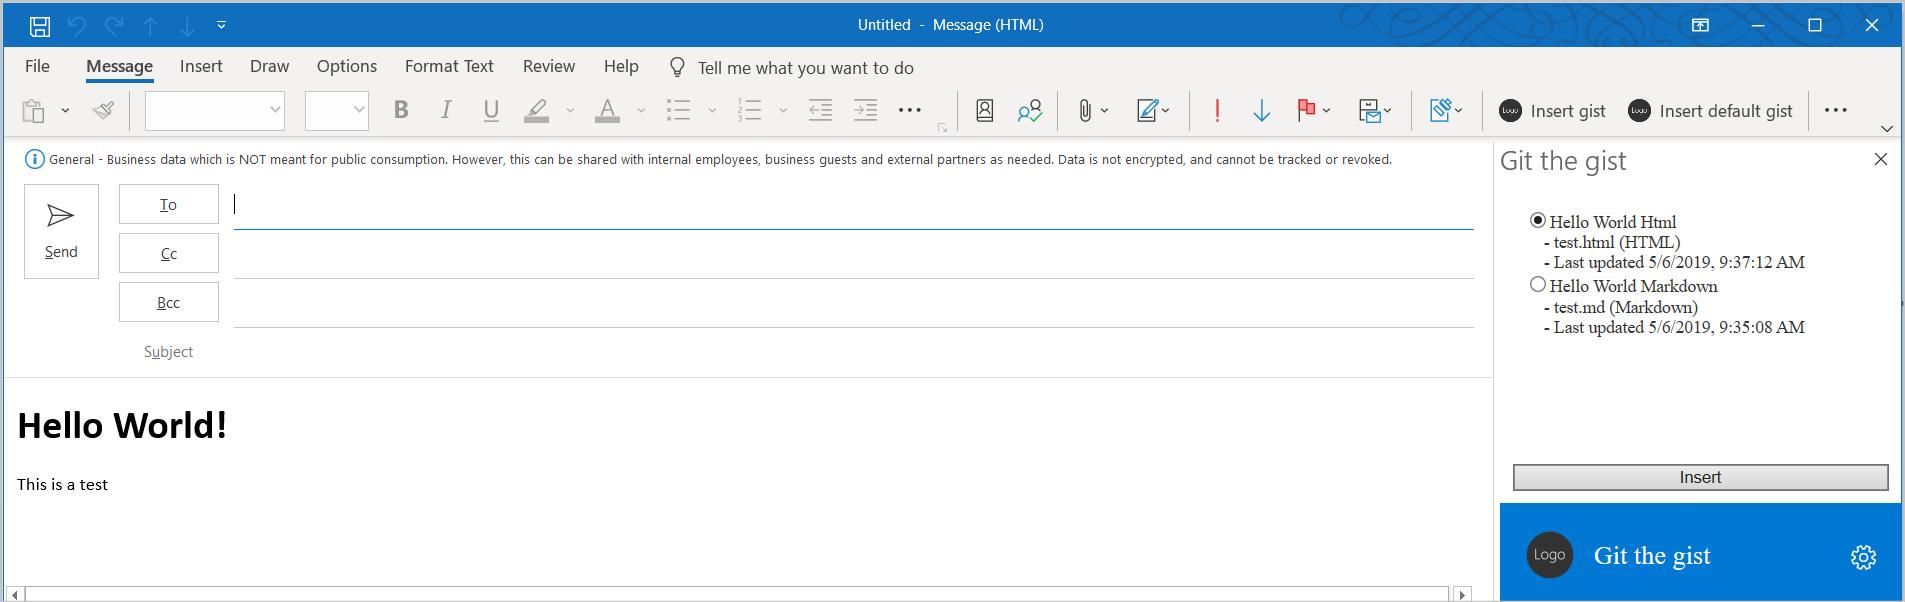 Captura de tela do painel de tarefas do suplemento